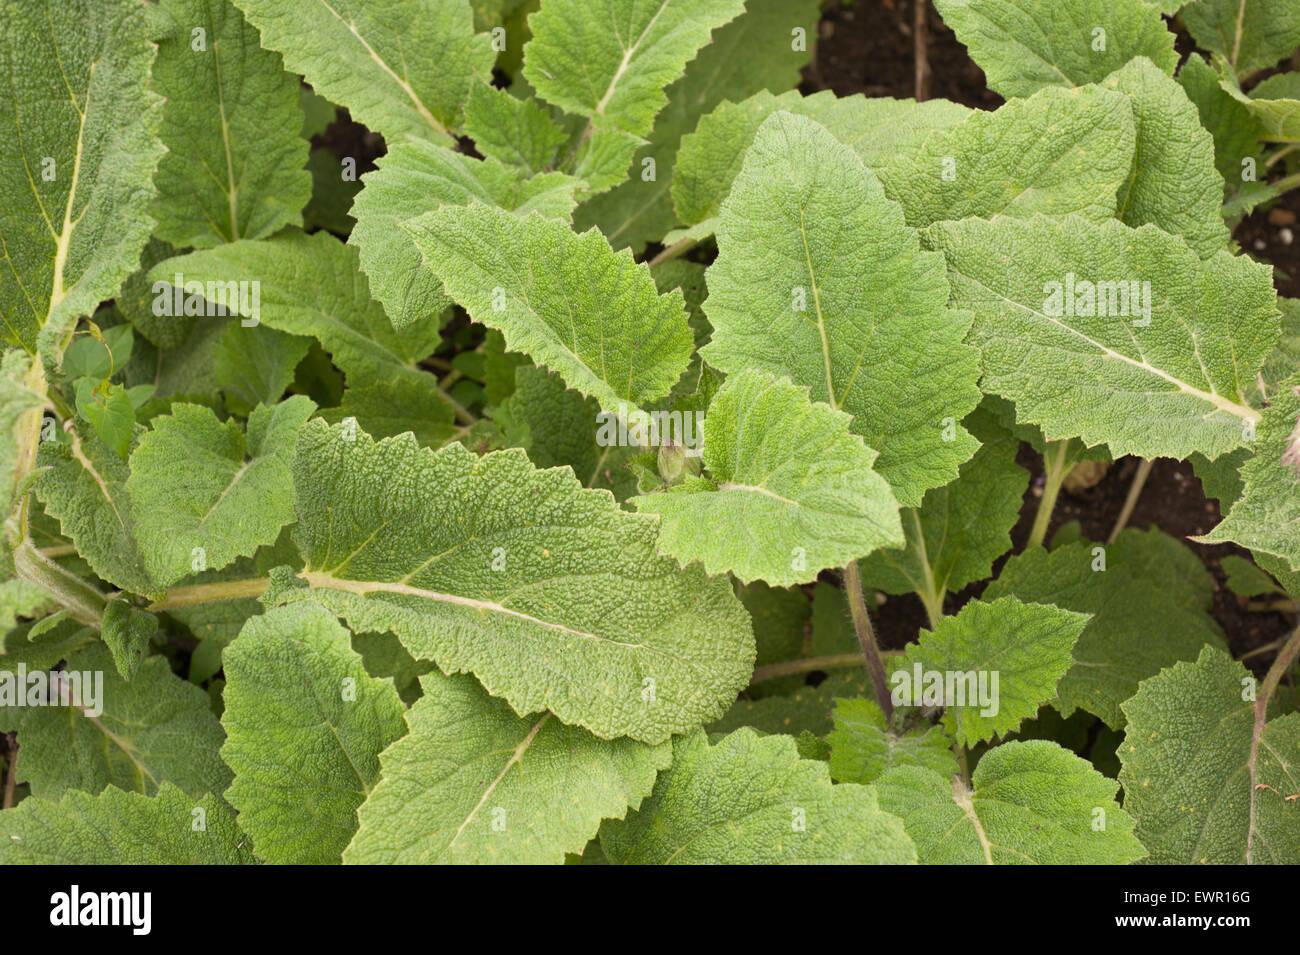 [Grossbritannien] Nahaufnahmen [Farbbilder] Kräuter Außenseiten Pflanzen Tageslicht detail [Nordeuropa] Stockbild